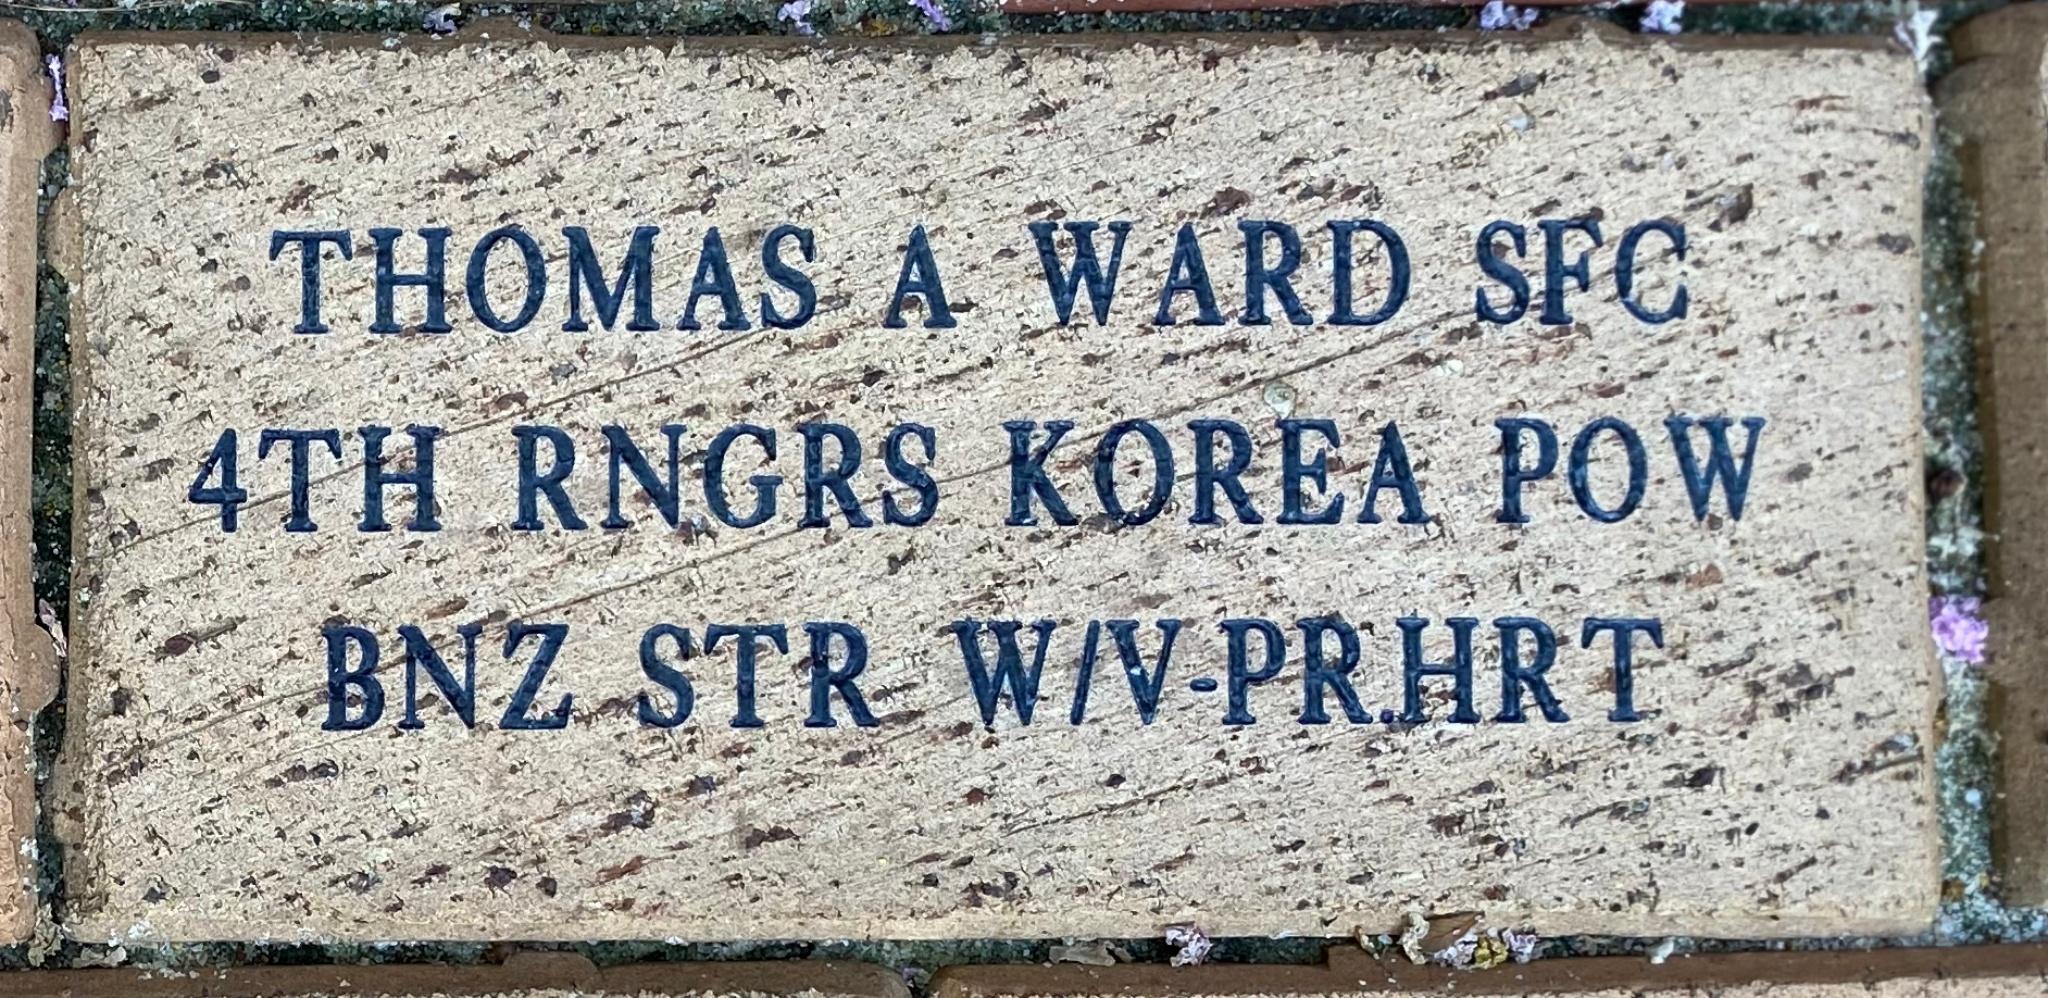 THOMAS A WARD SFC 4TH RNGRS KOREA POW BNZ STR W/V-PR.HRT